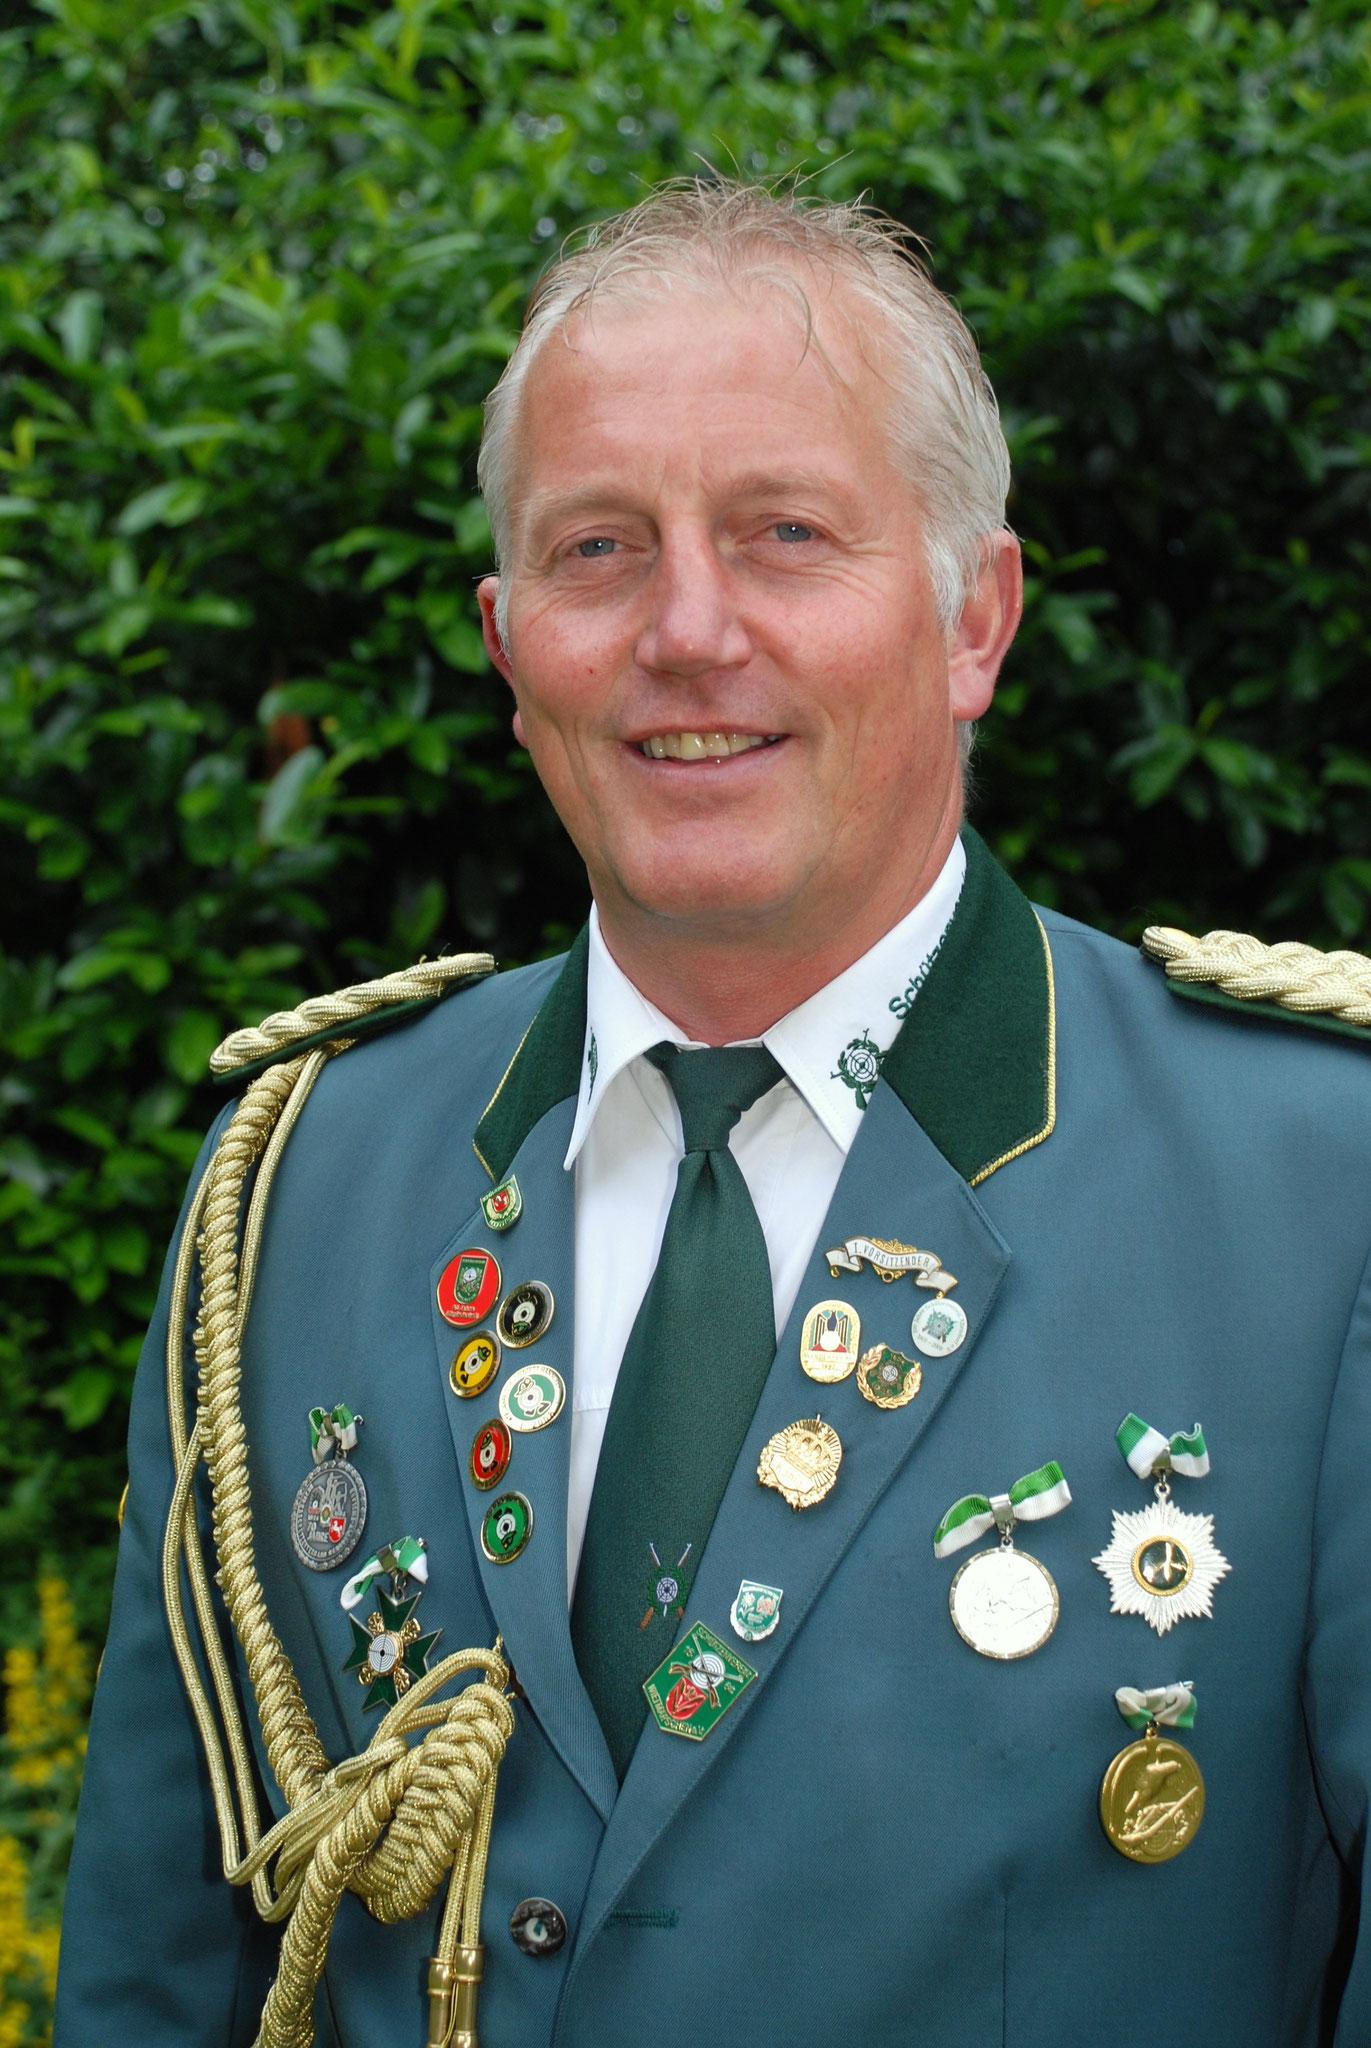 Georg Nüsse